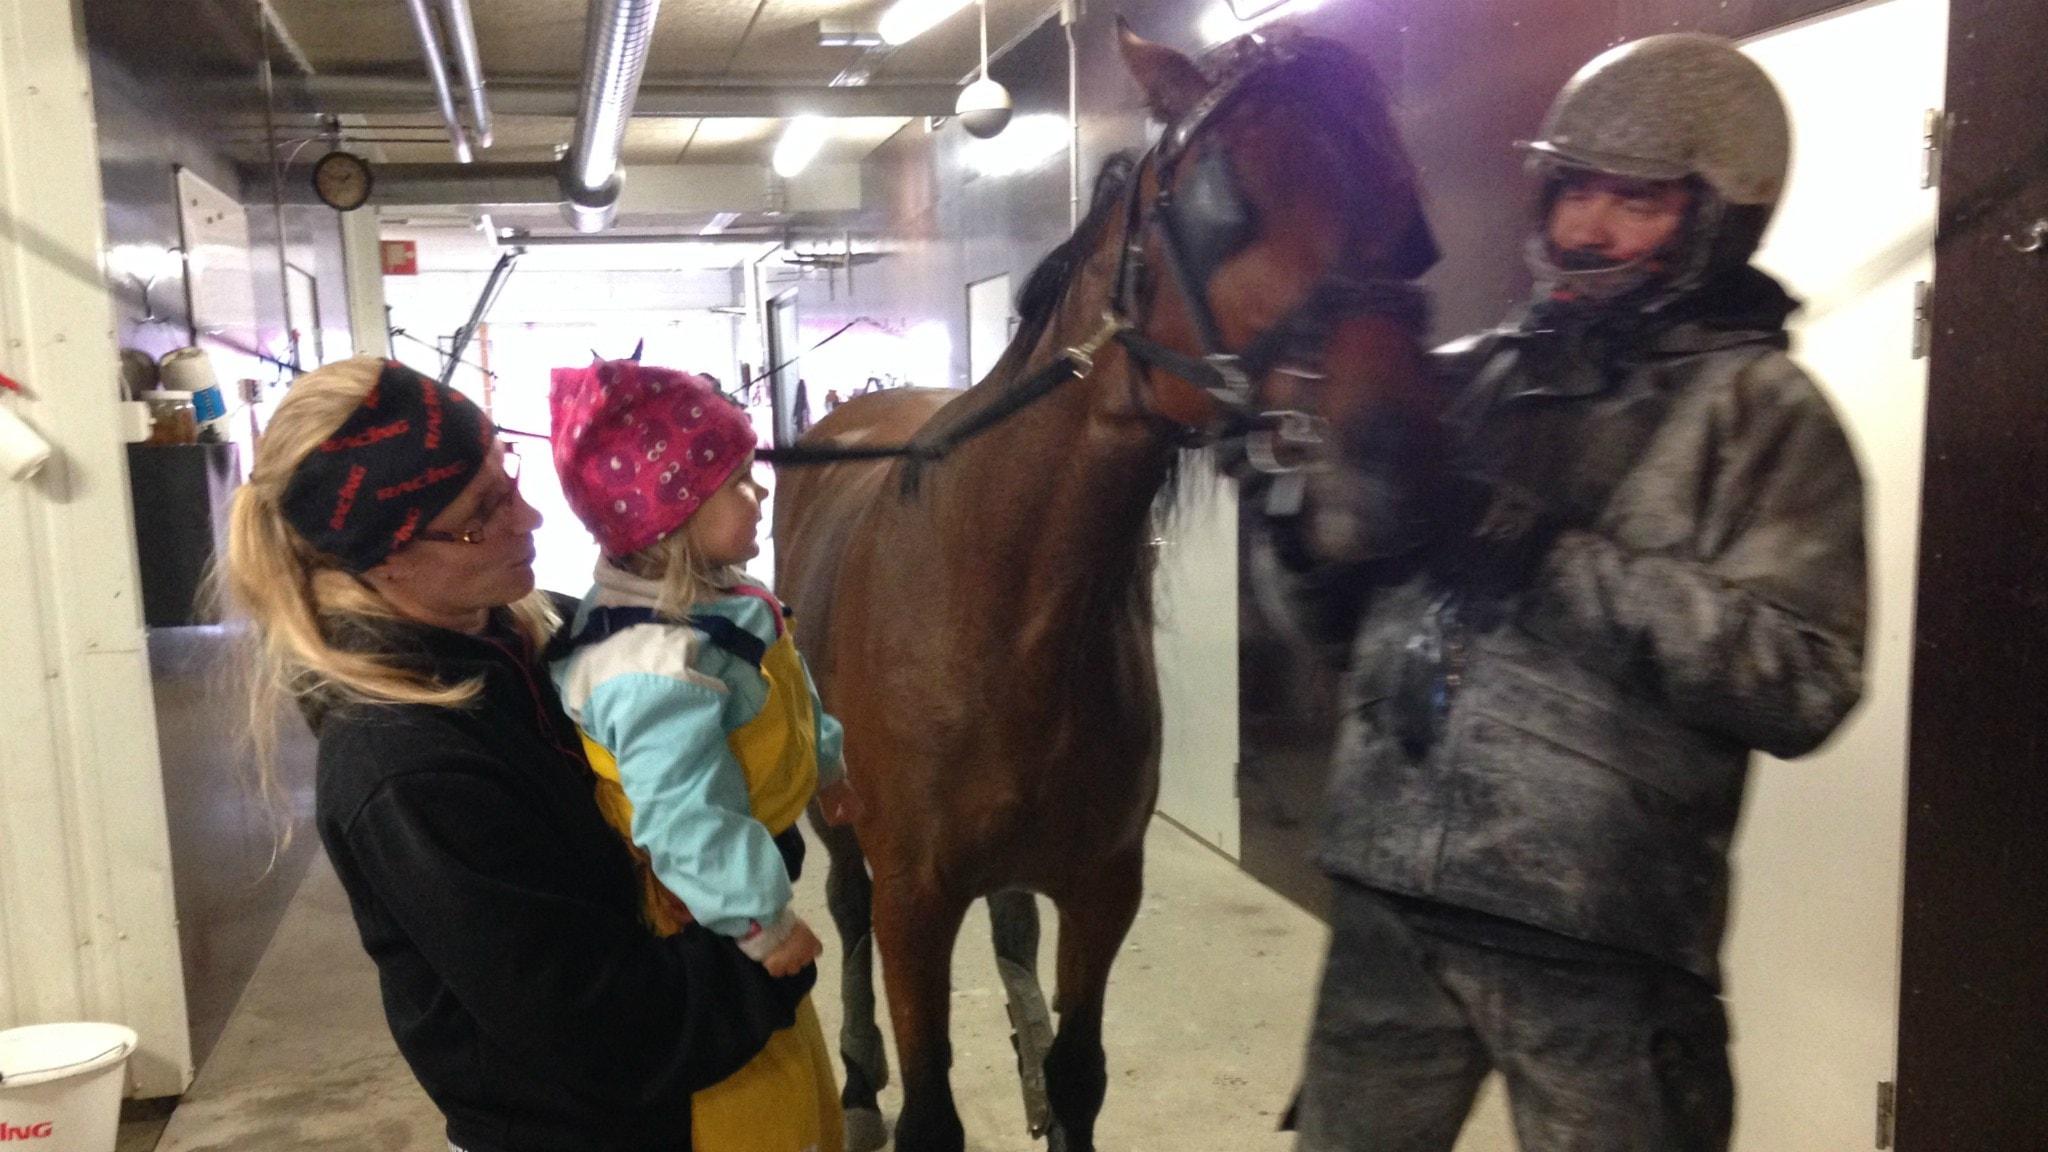 Marianne Haapakankaalla on sylissä Vilja tytär, isä Mika pitää kiinni hevosta. Äidillä sisävaatteet, Viljalla keltaiset kurahousut turkoositakki ja punainen pipo. Isällä kurainen ajoasu ja kypärä päässä.